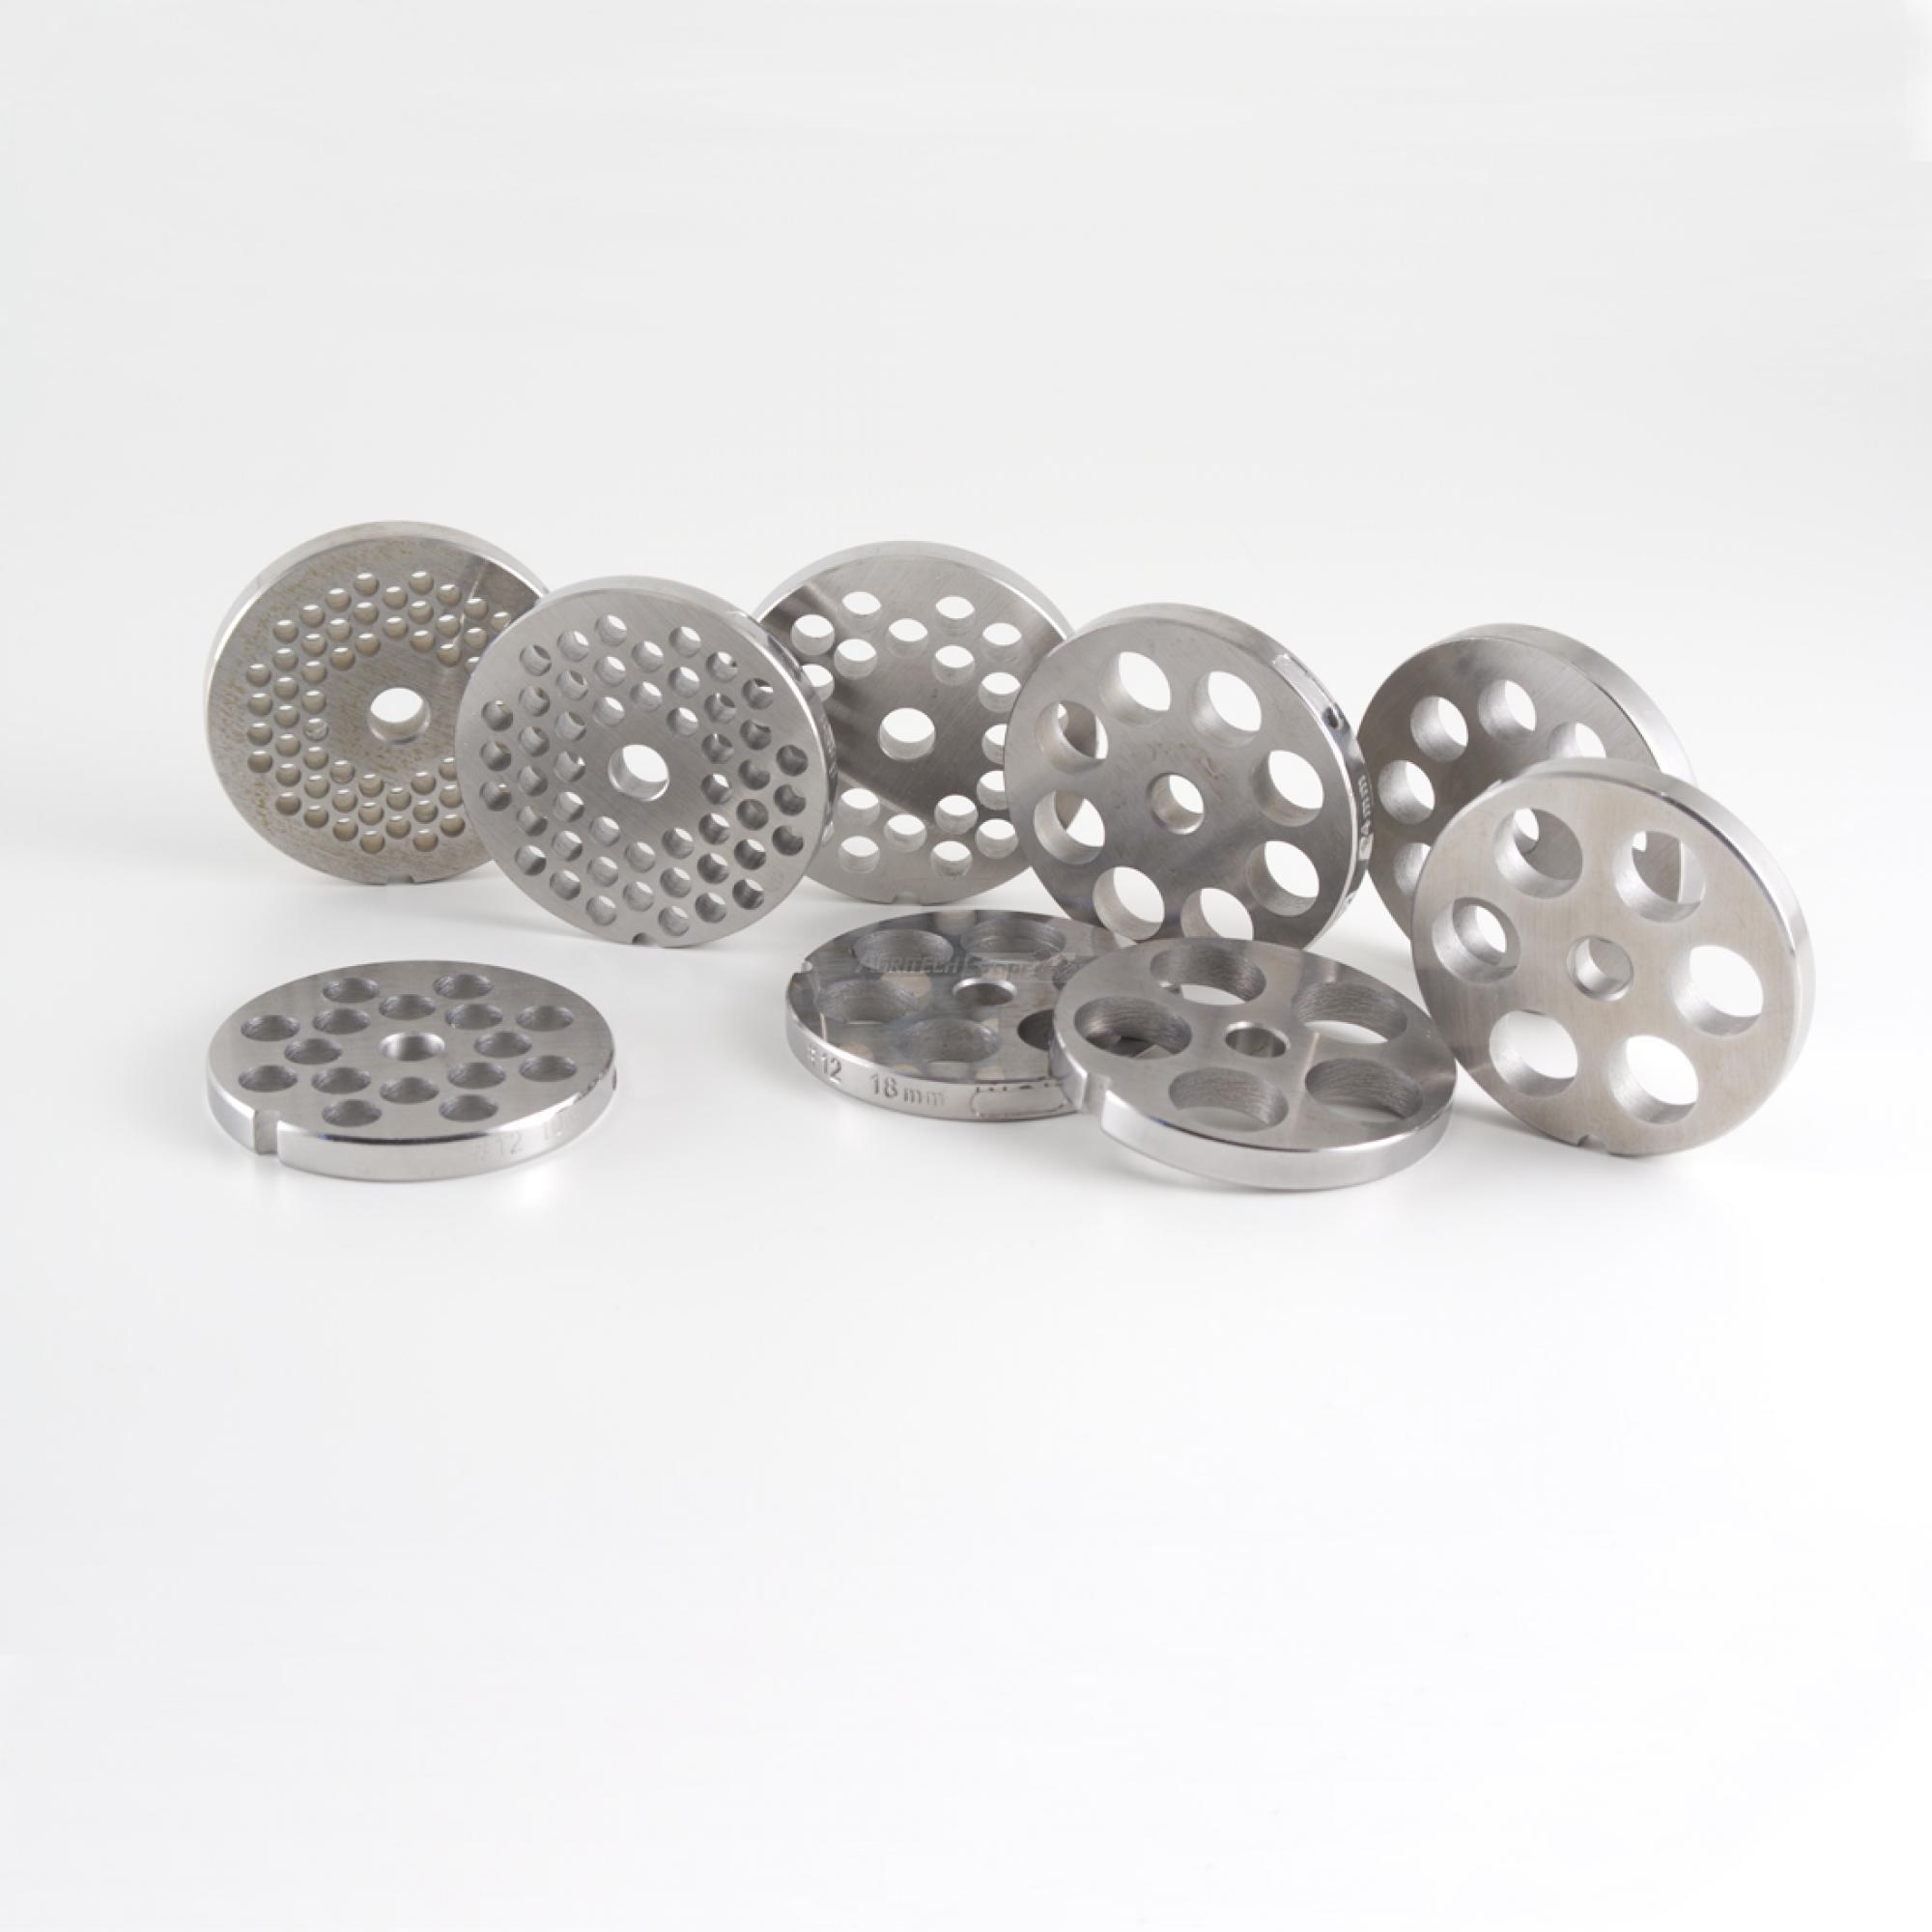 Piastra in acciaio inox reber per tritacarne tc12 - Piastra in acciaio inox per cucinare ...